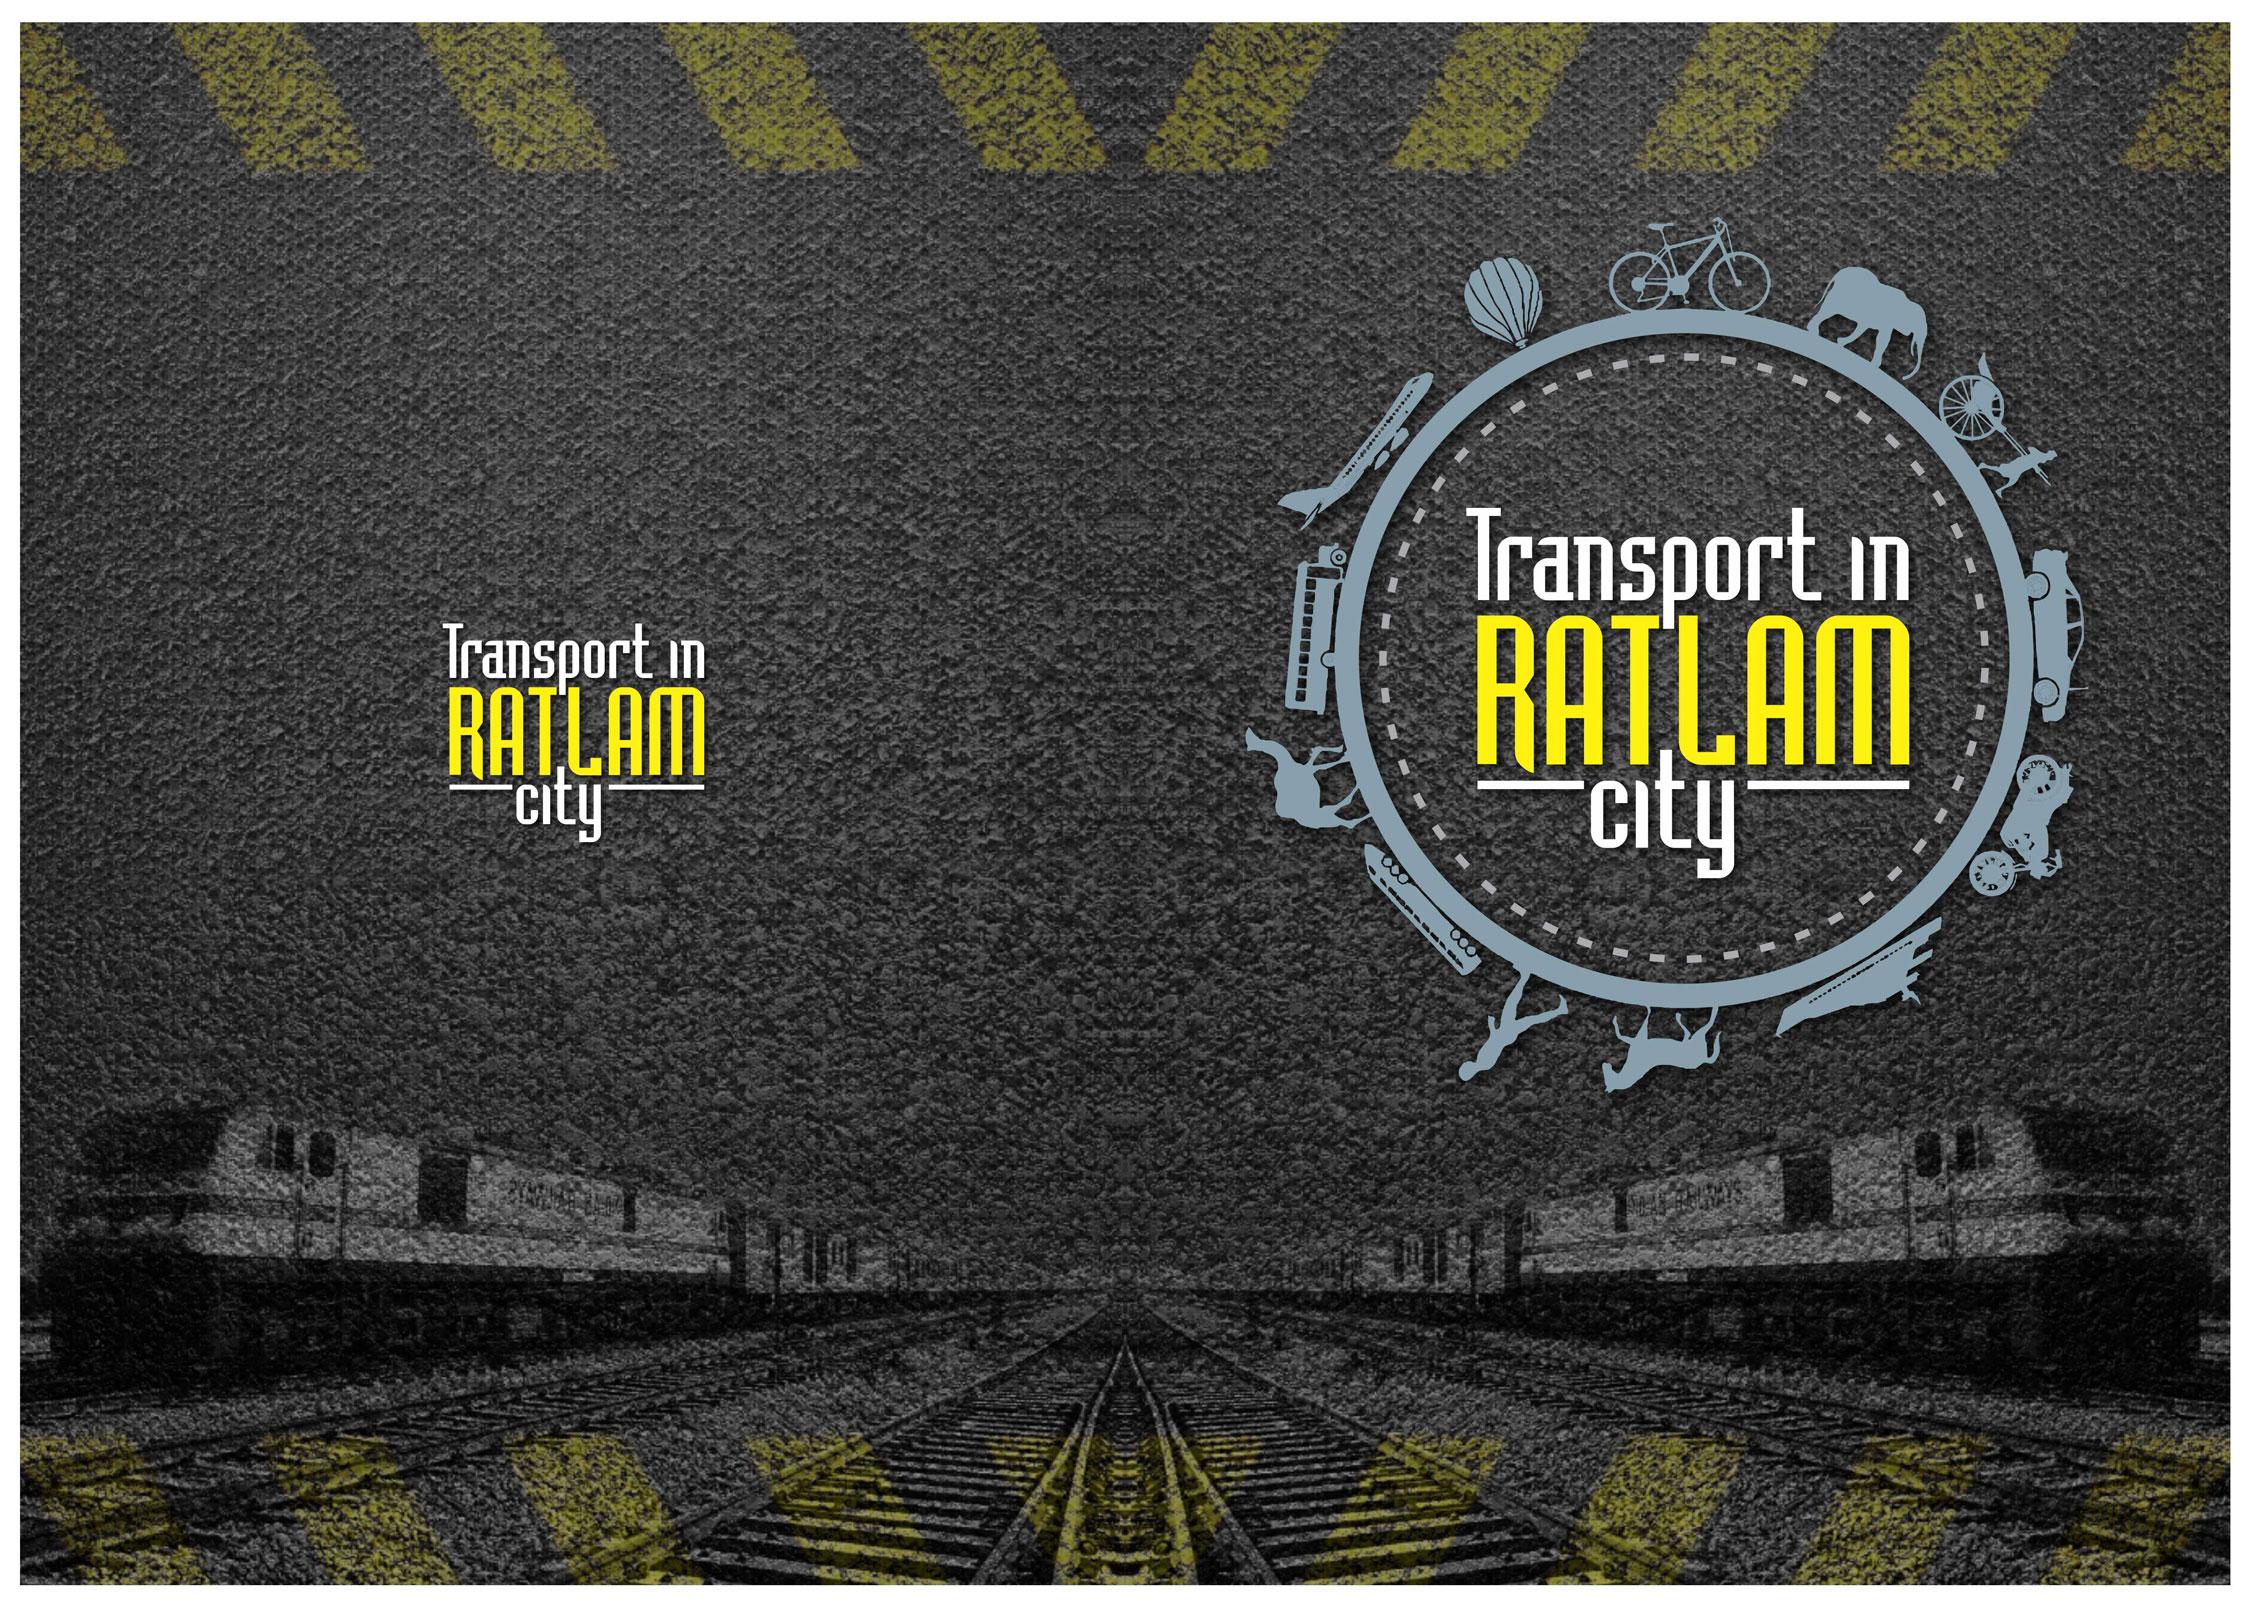 creative-poster-ratlam-transport-graphic-design